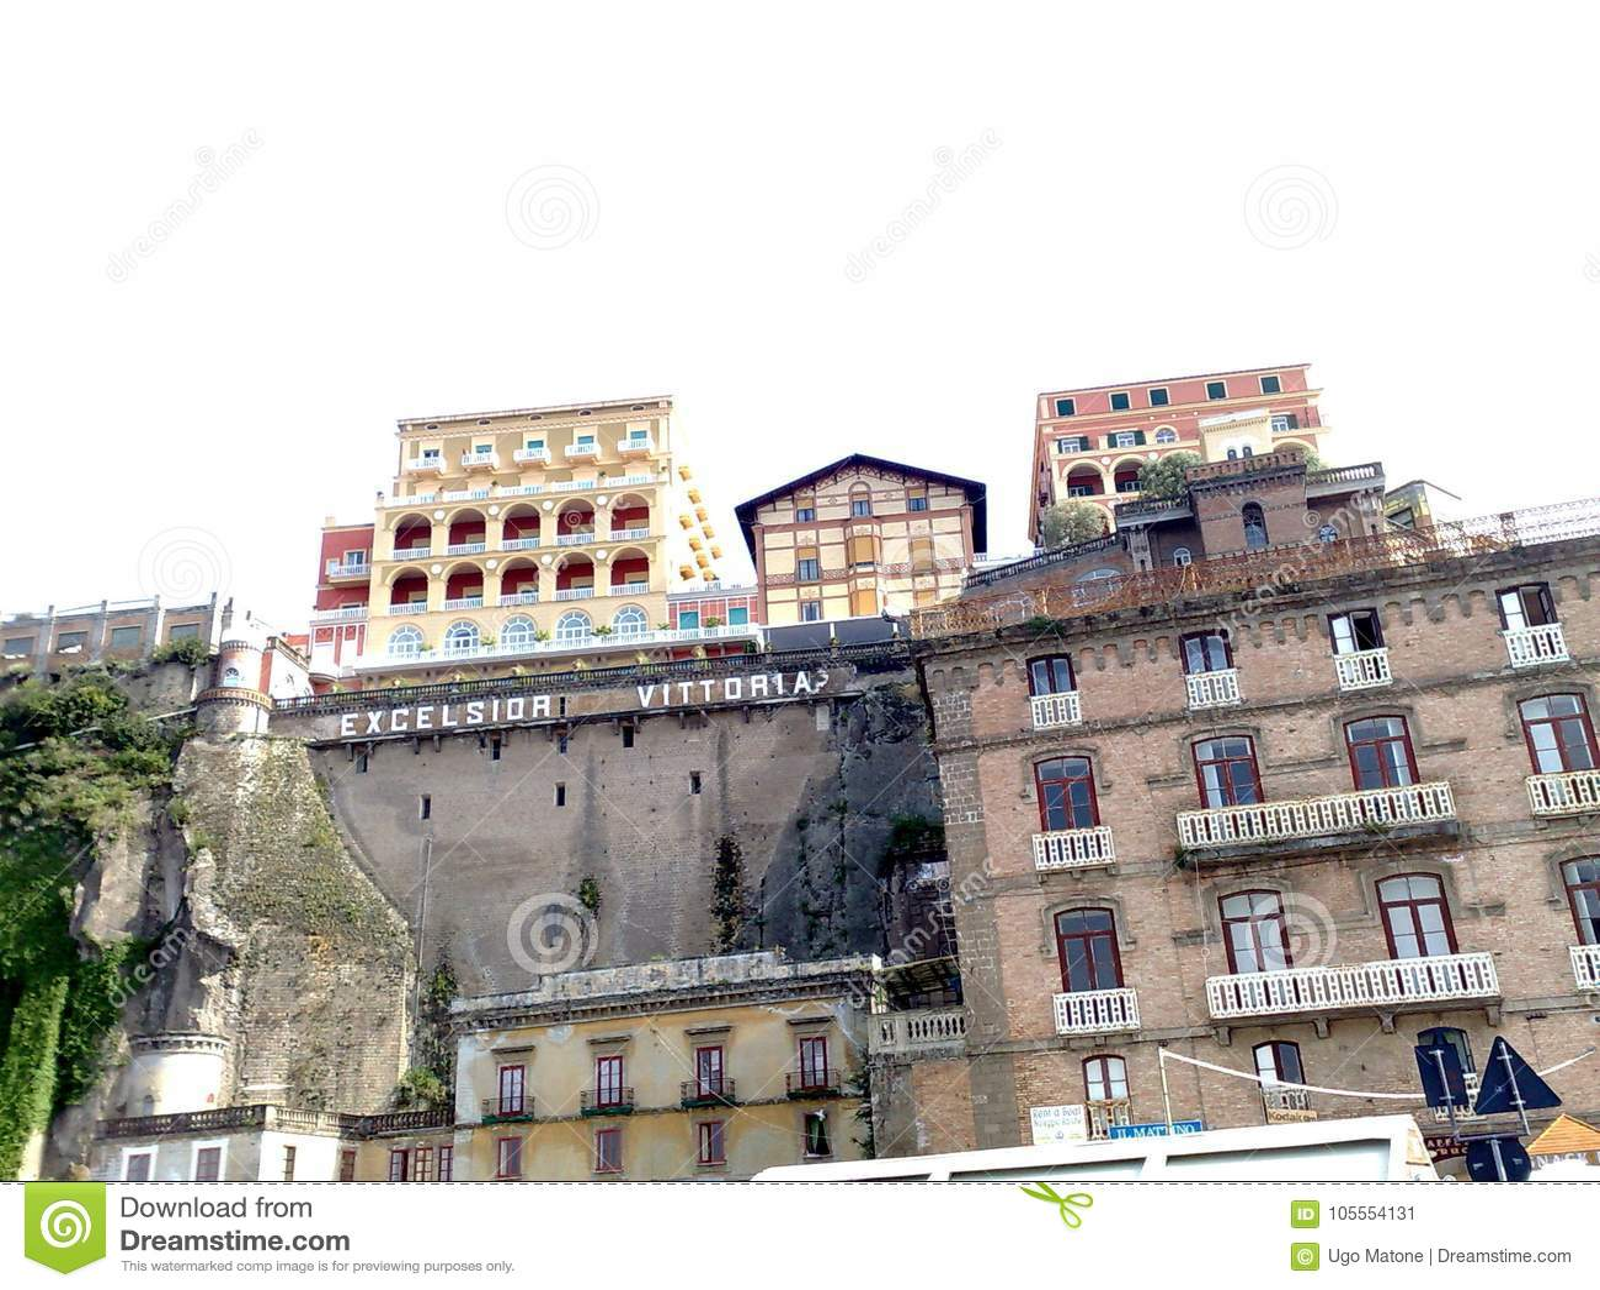 Excelsior Vittoria Σορέντο ξενοδοχείων από το λιμένα